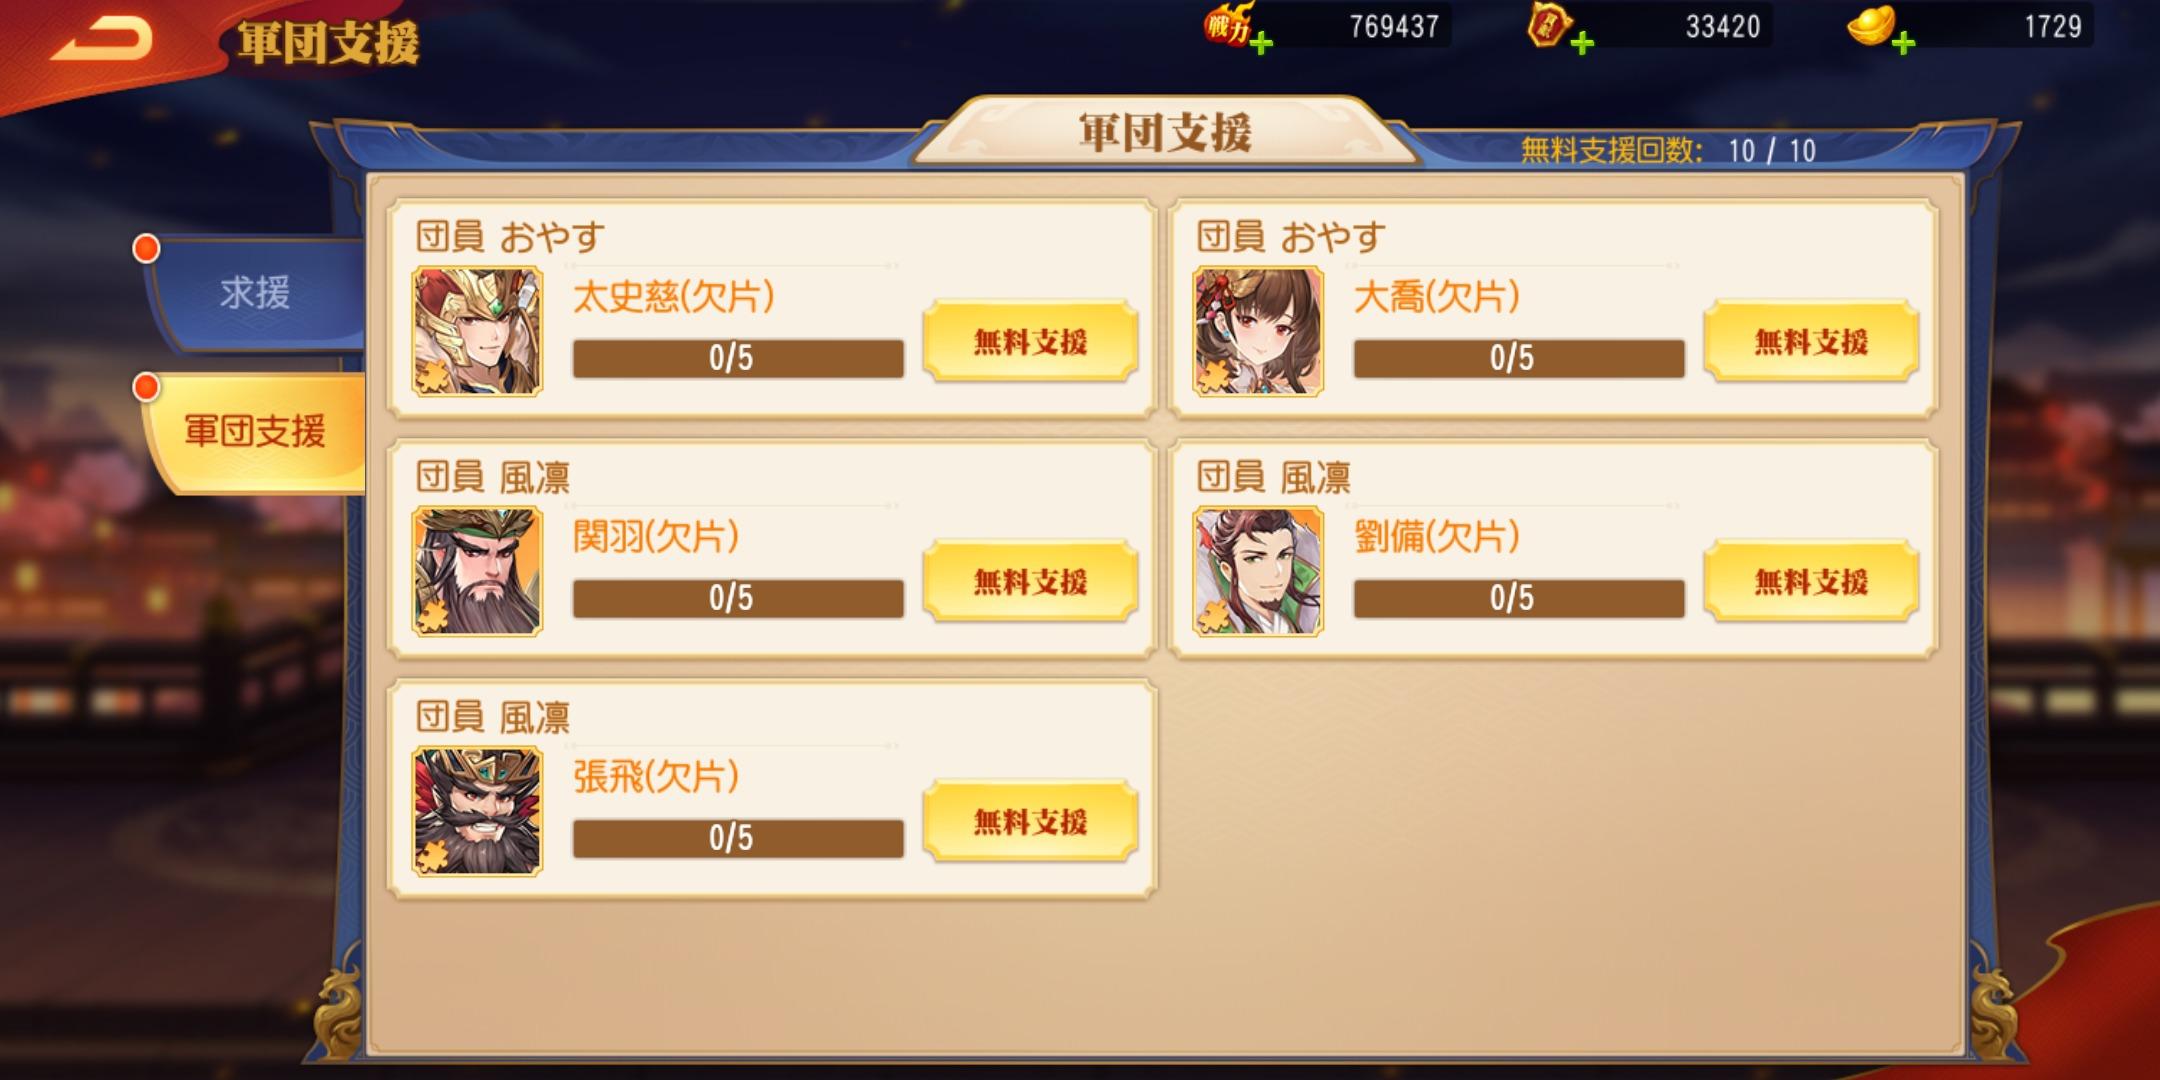 三国志名将伝の軍団支援画像